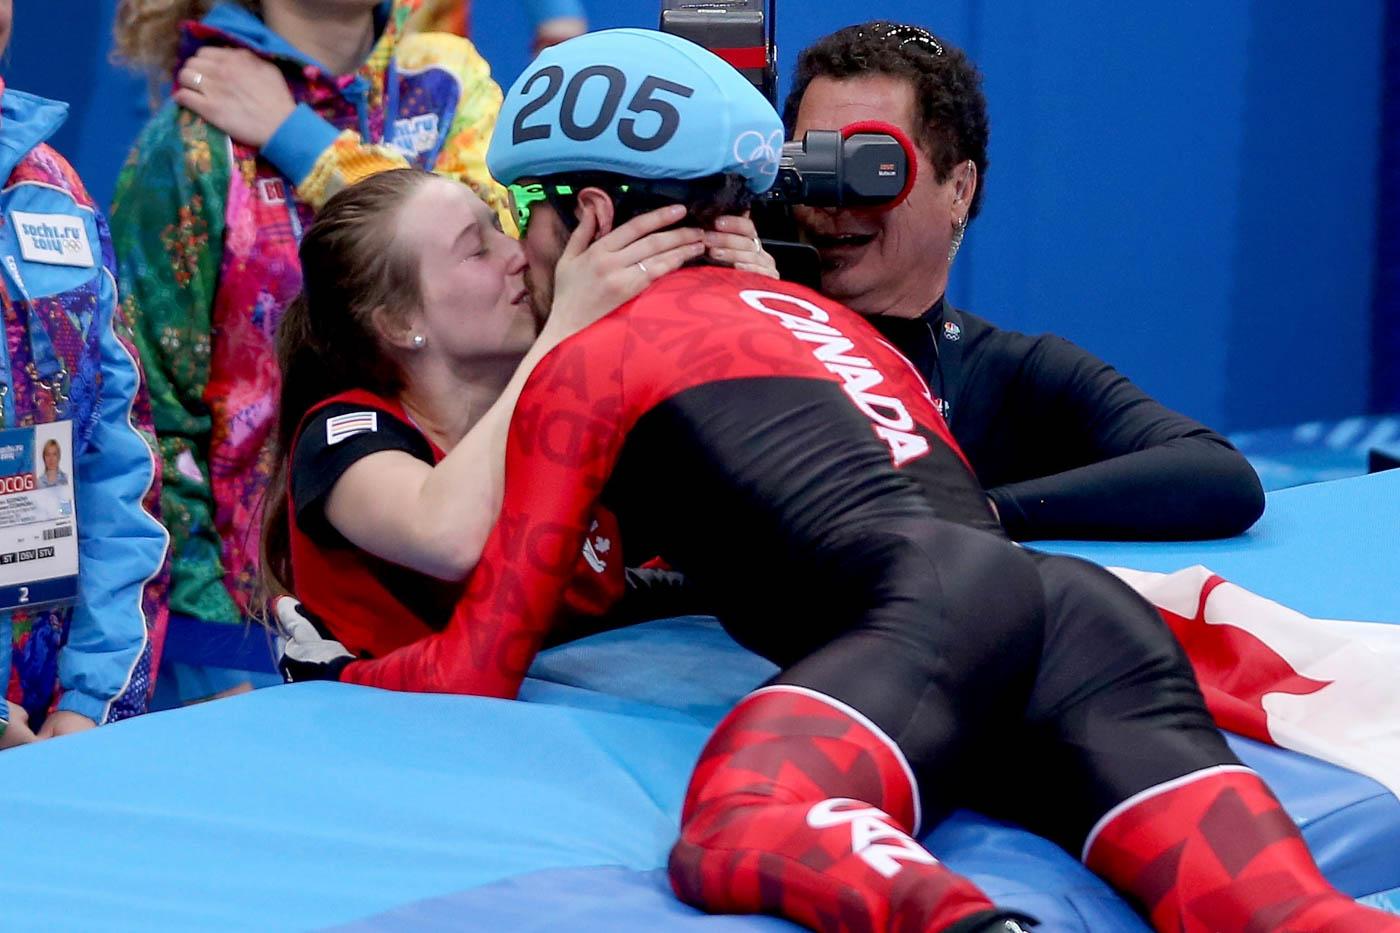 El medallista de oro canadiense Charles Hamelin besa a su novia luego de ganar en patinaje de velocidad sobre hielo